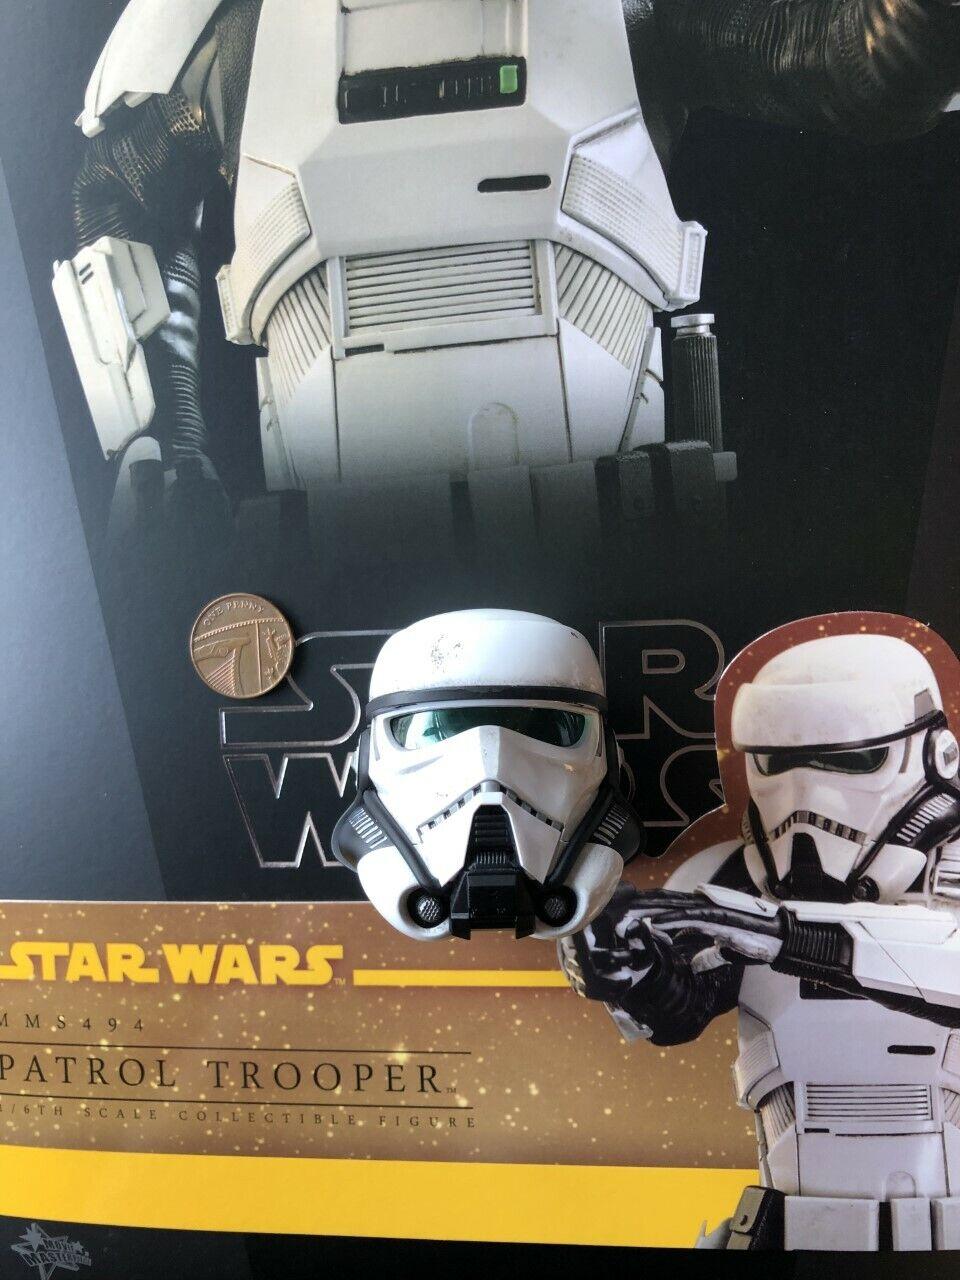 Hot Juguetes Estrella Wars Solo patrulla Trooper MMS494 casco esculpir Suelto Escala 1 6th